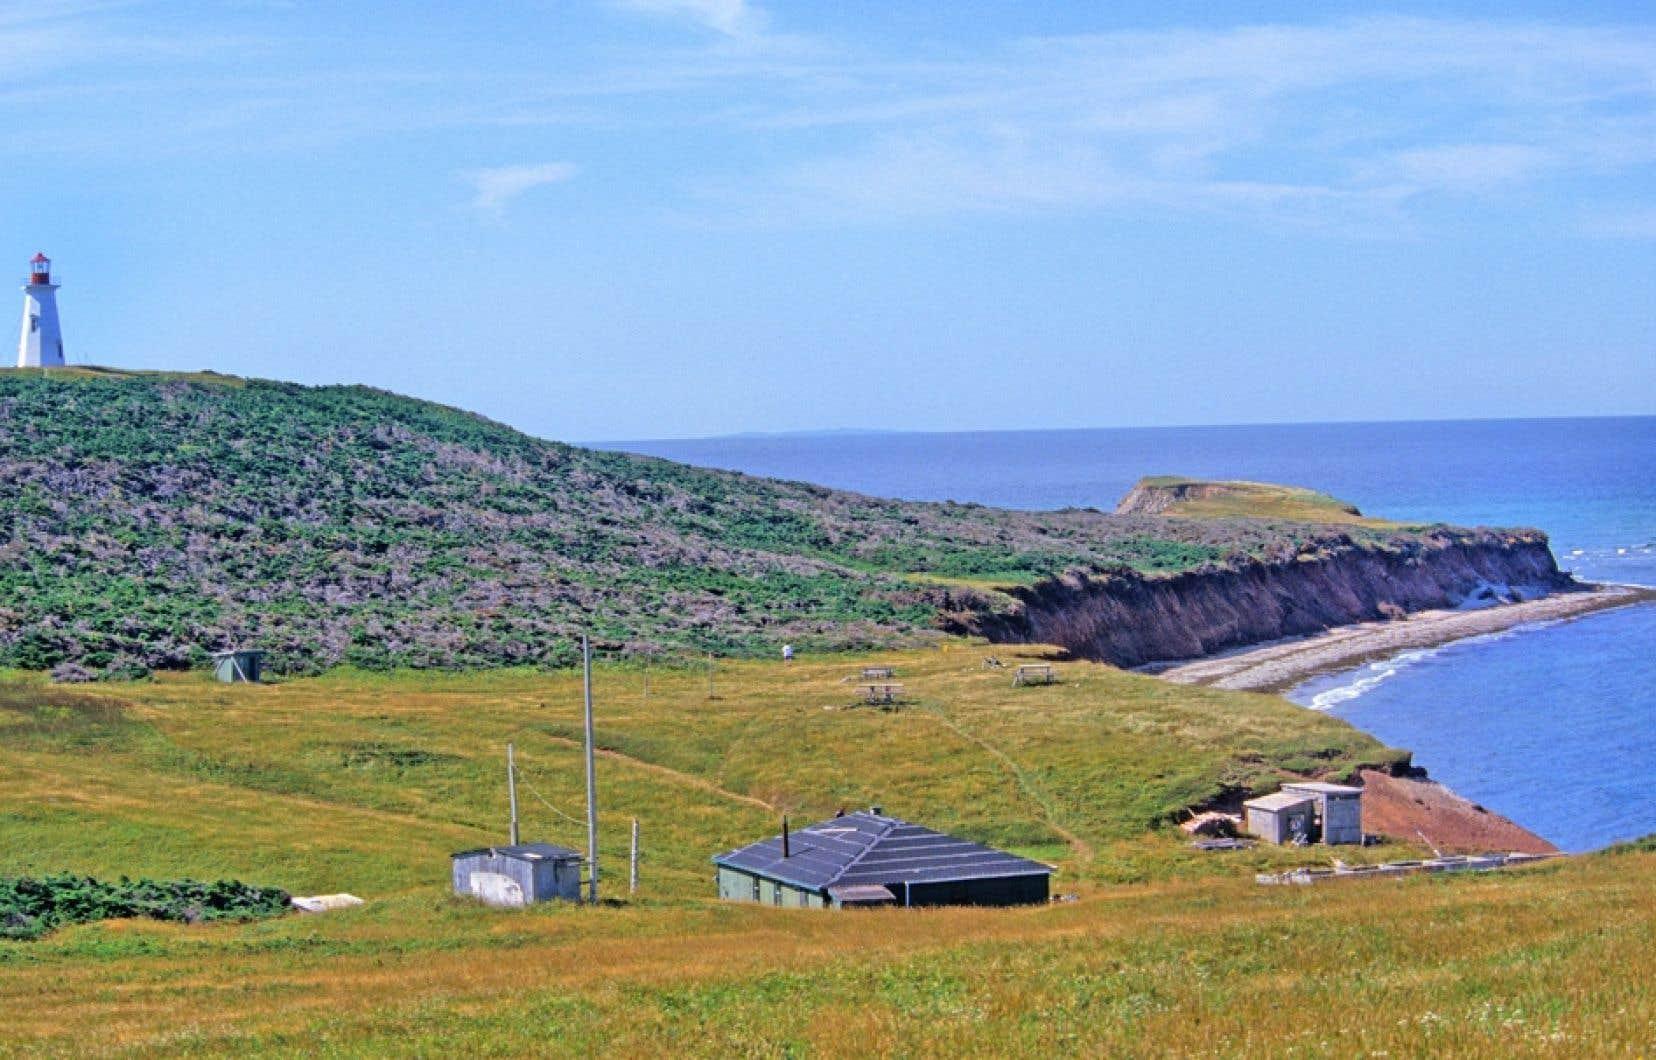 Un déversement provoqué par l'exploitation pétrolière maritime dans le secteur d'Old Harry menacerait tout l'est du golfe du Saint-Laurent, mais aussi les îles de la Madeleine, concluait en mai la première étude scientifique indépendante sur le sujet.